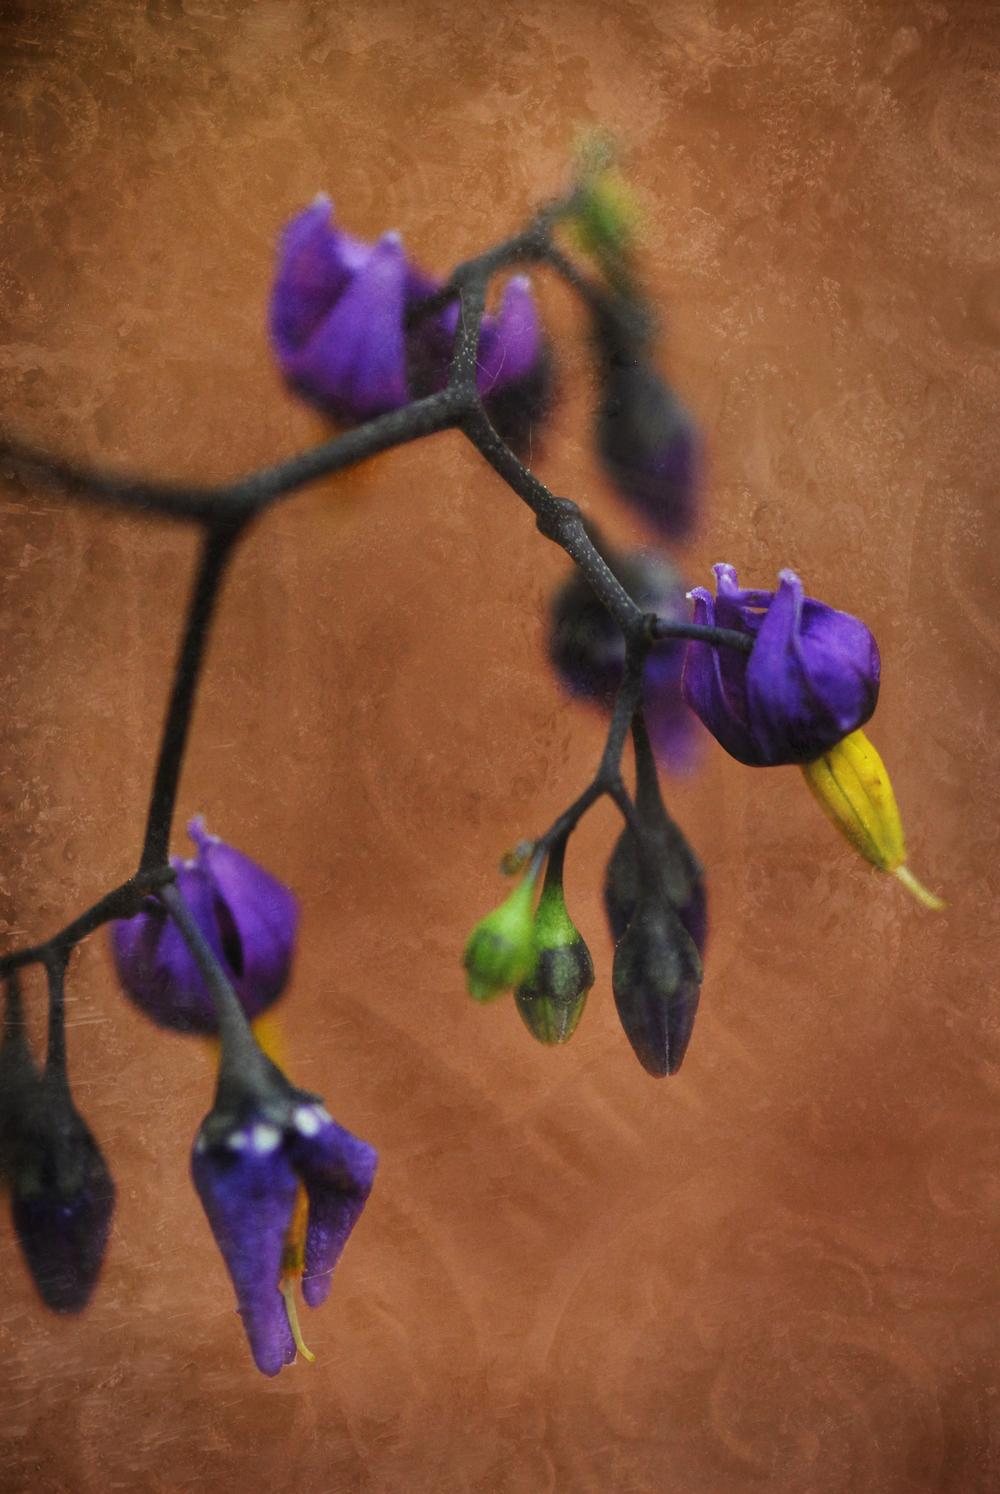 Wildflower_07_0439.jpg